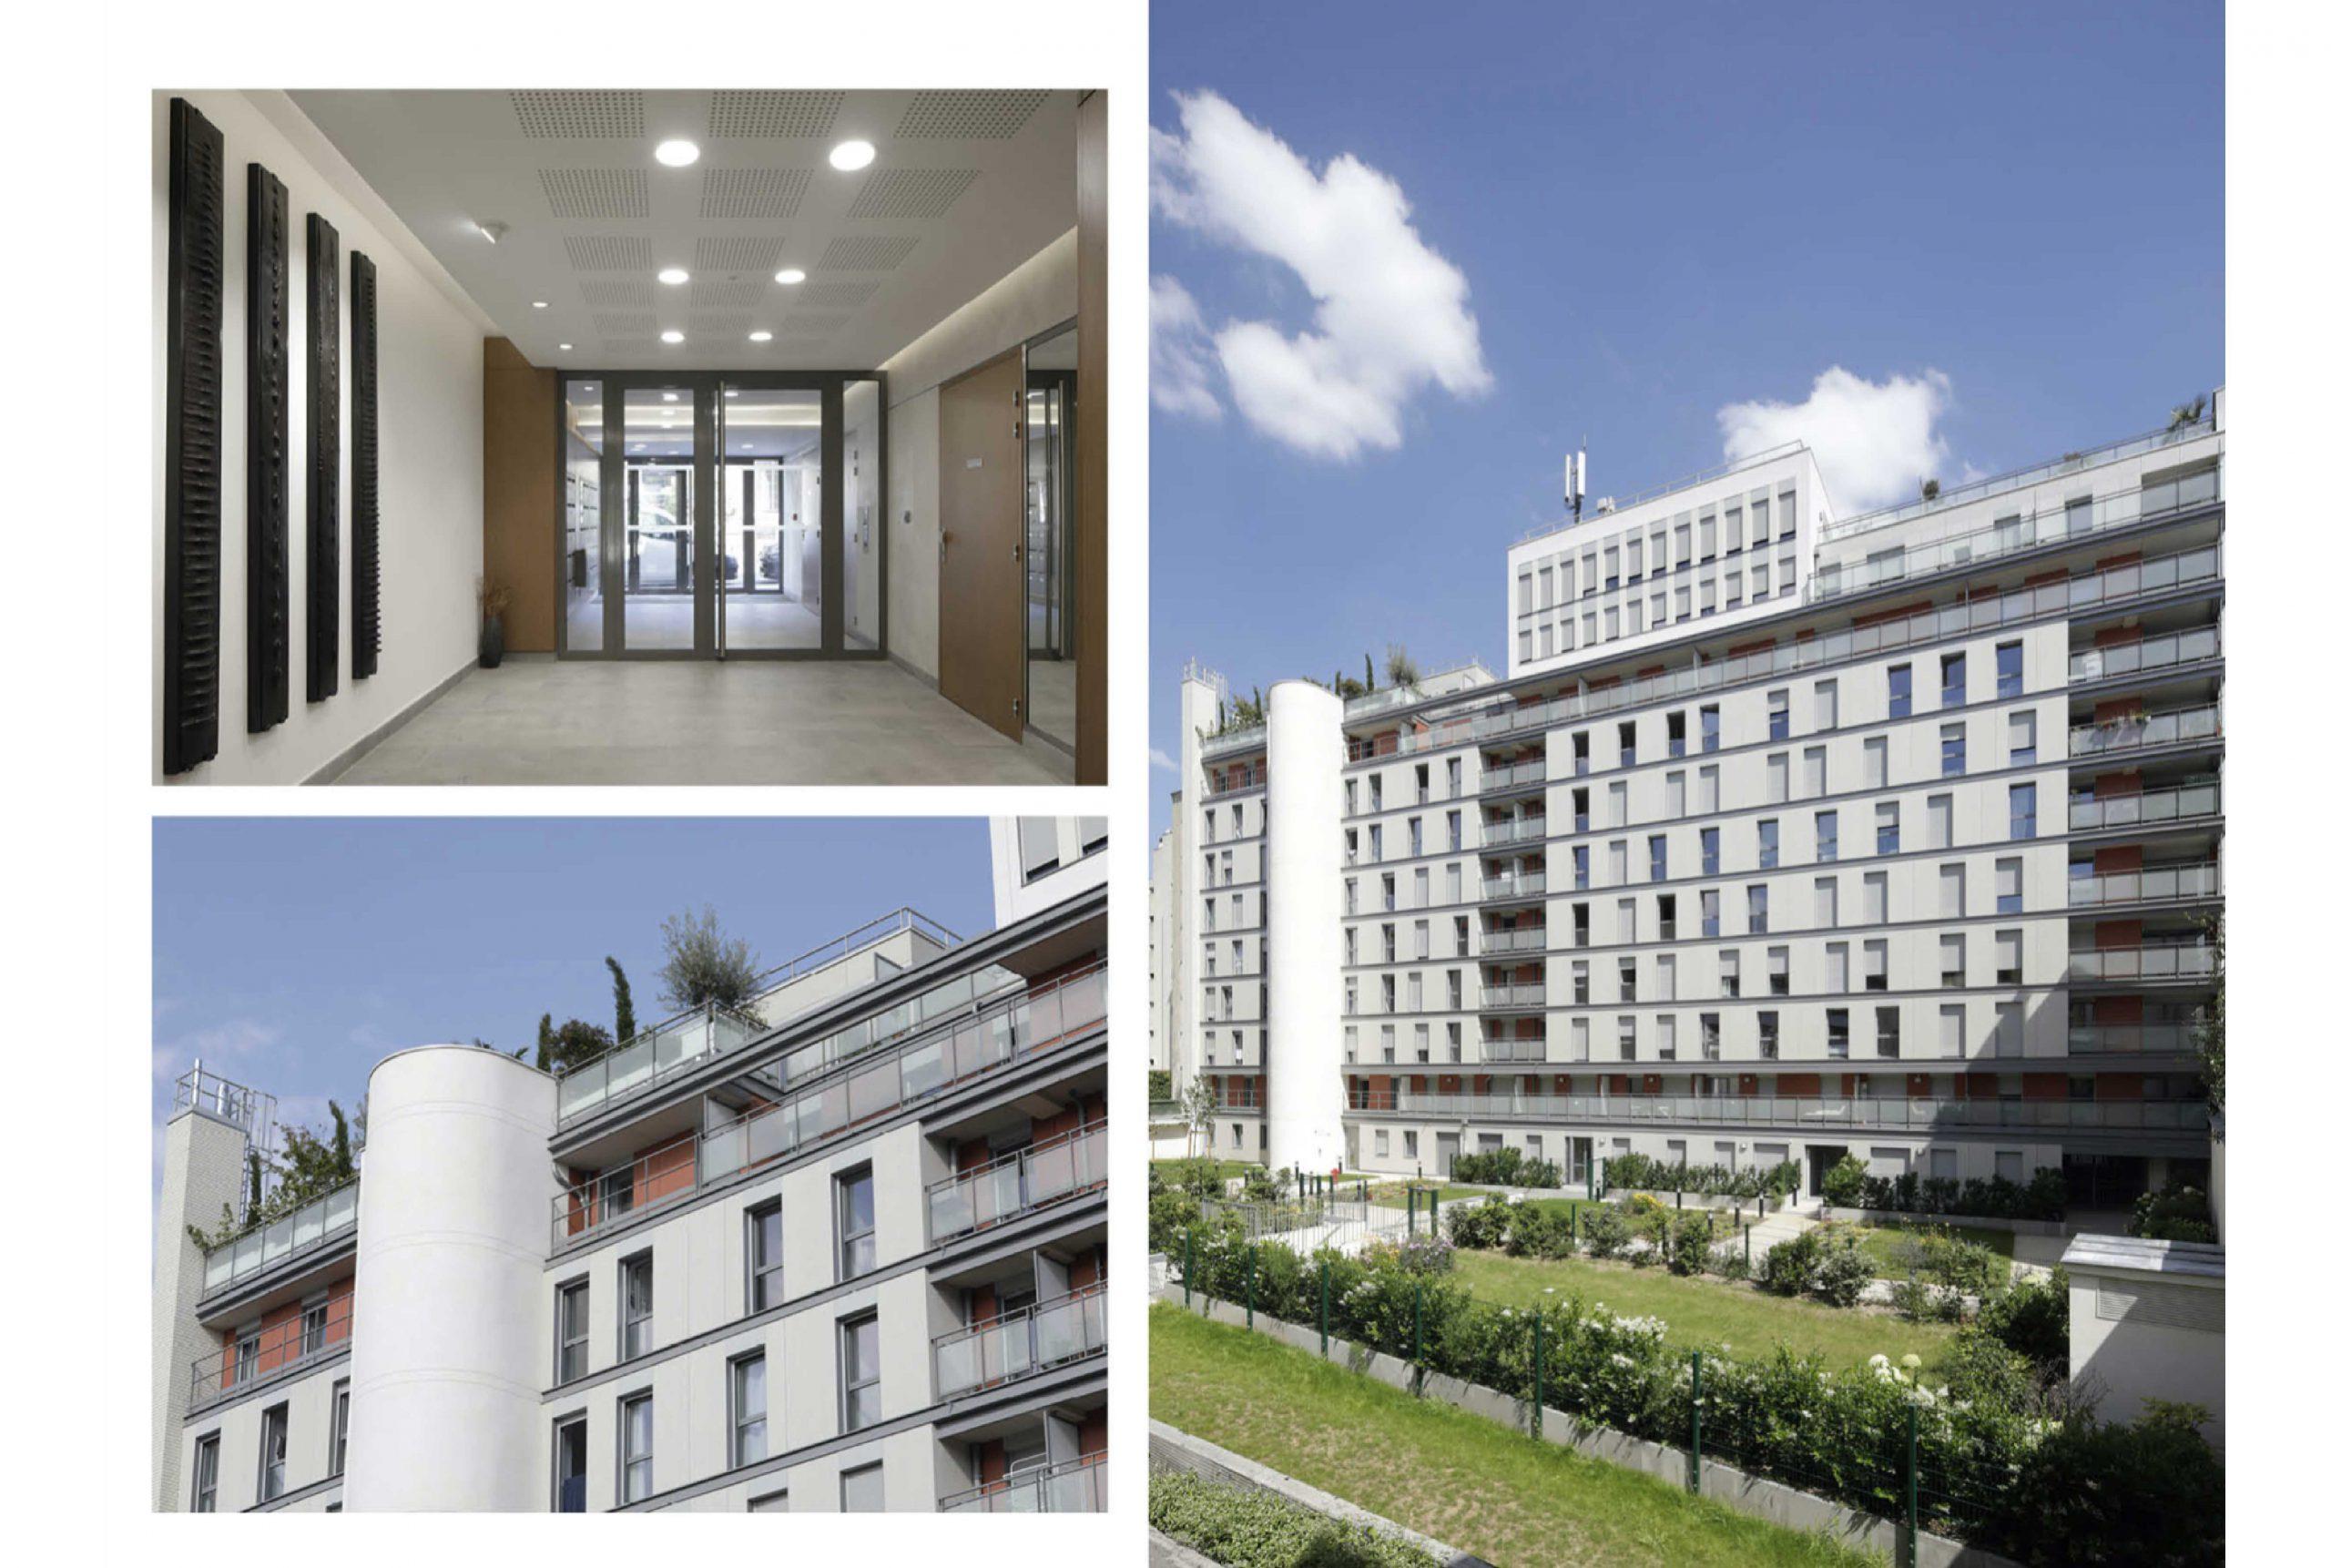 Projet logement Tombe Issoire 2 par Atelier JS Tabet